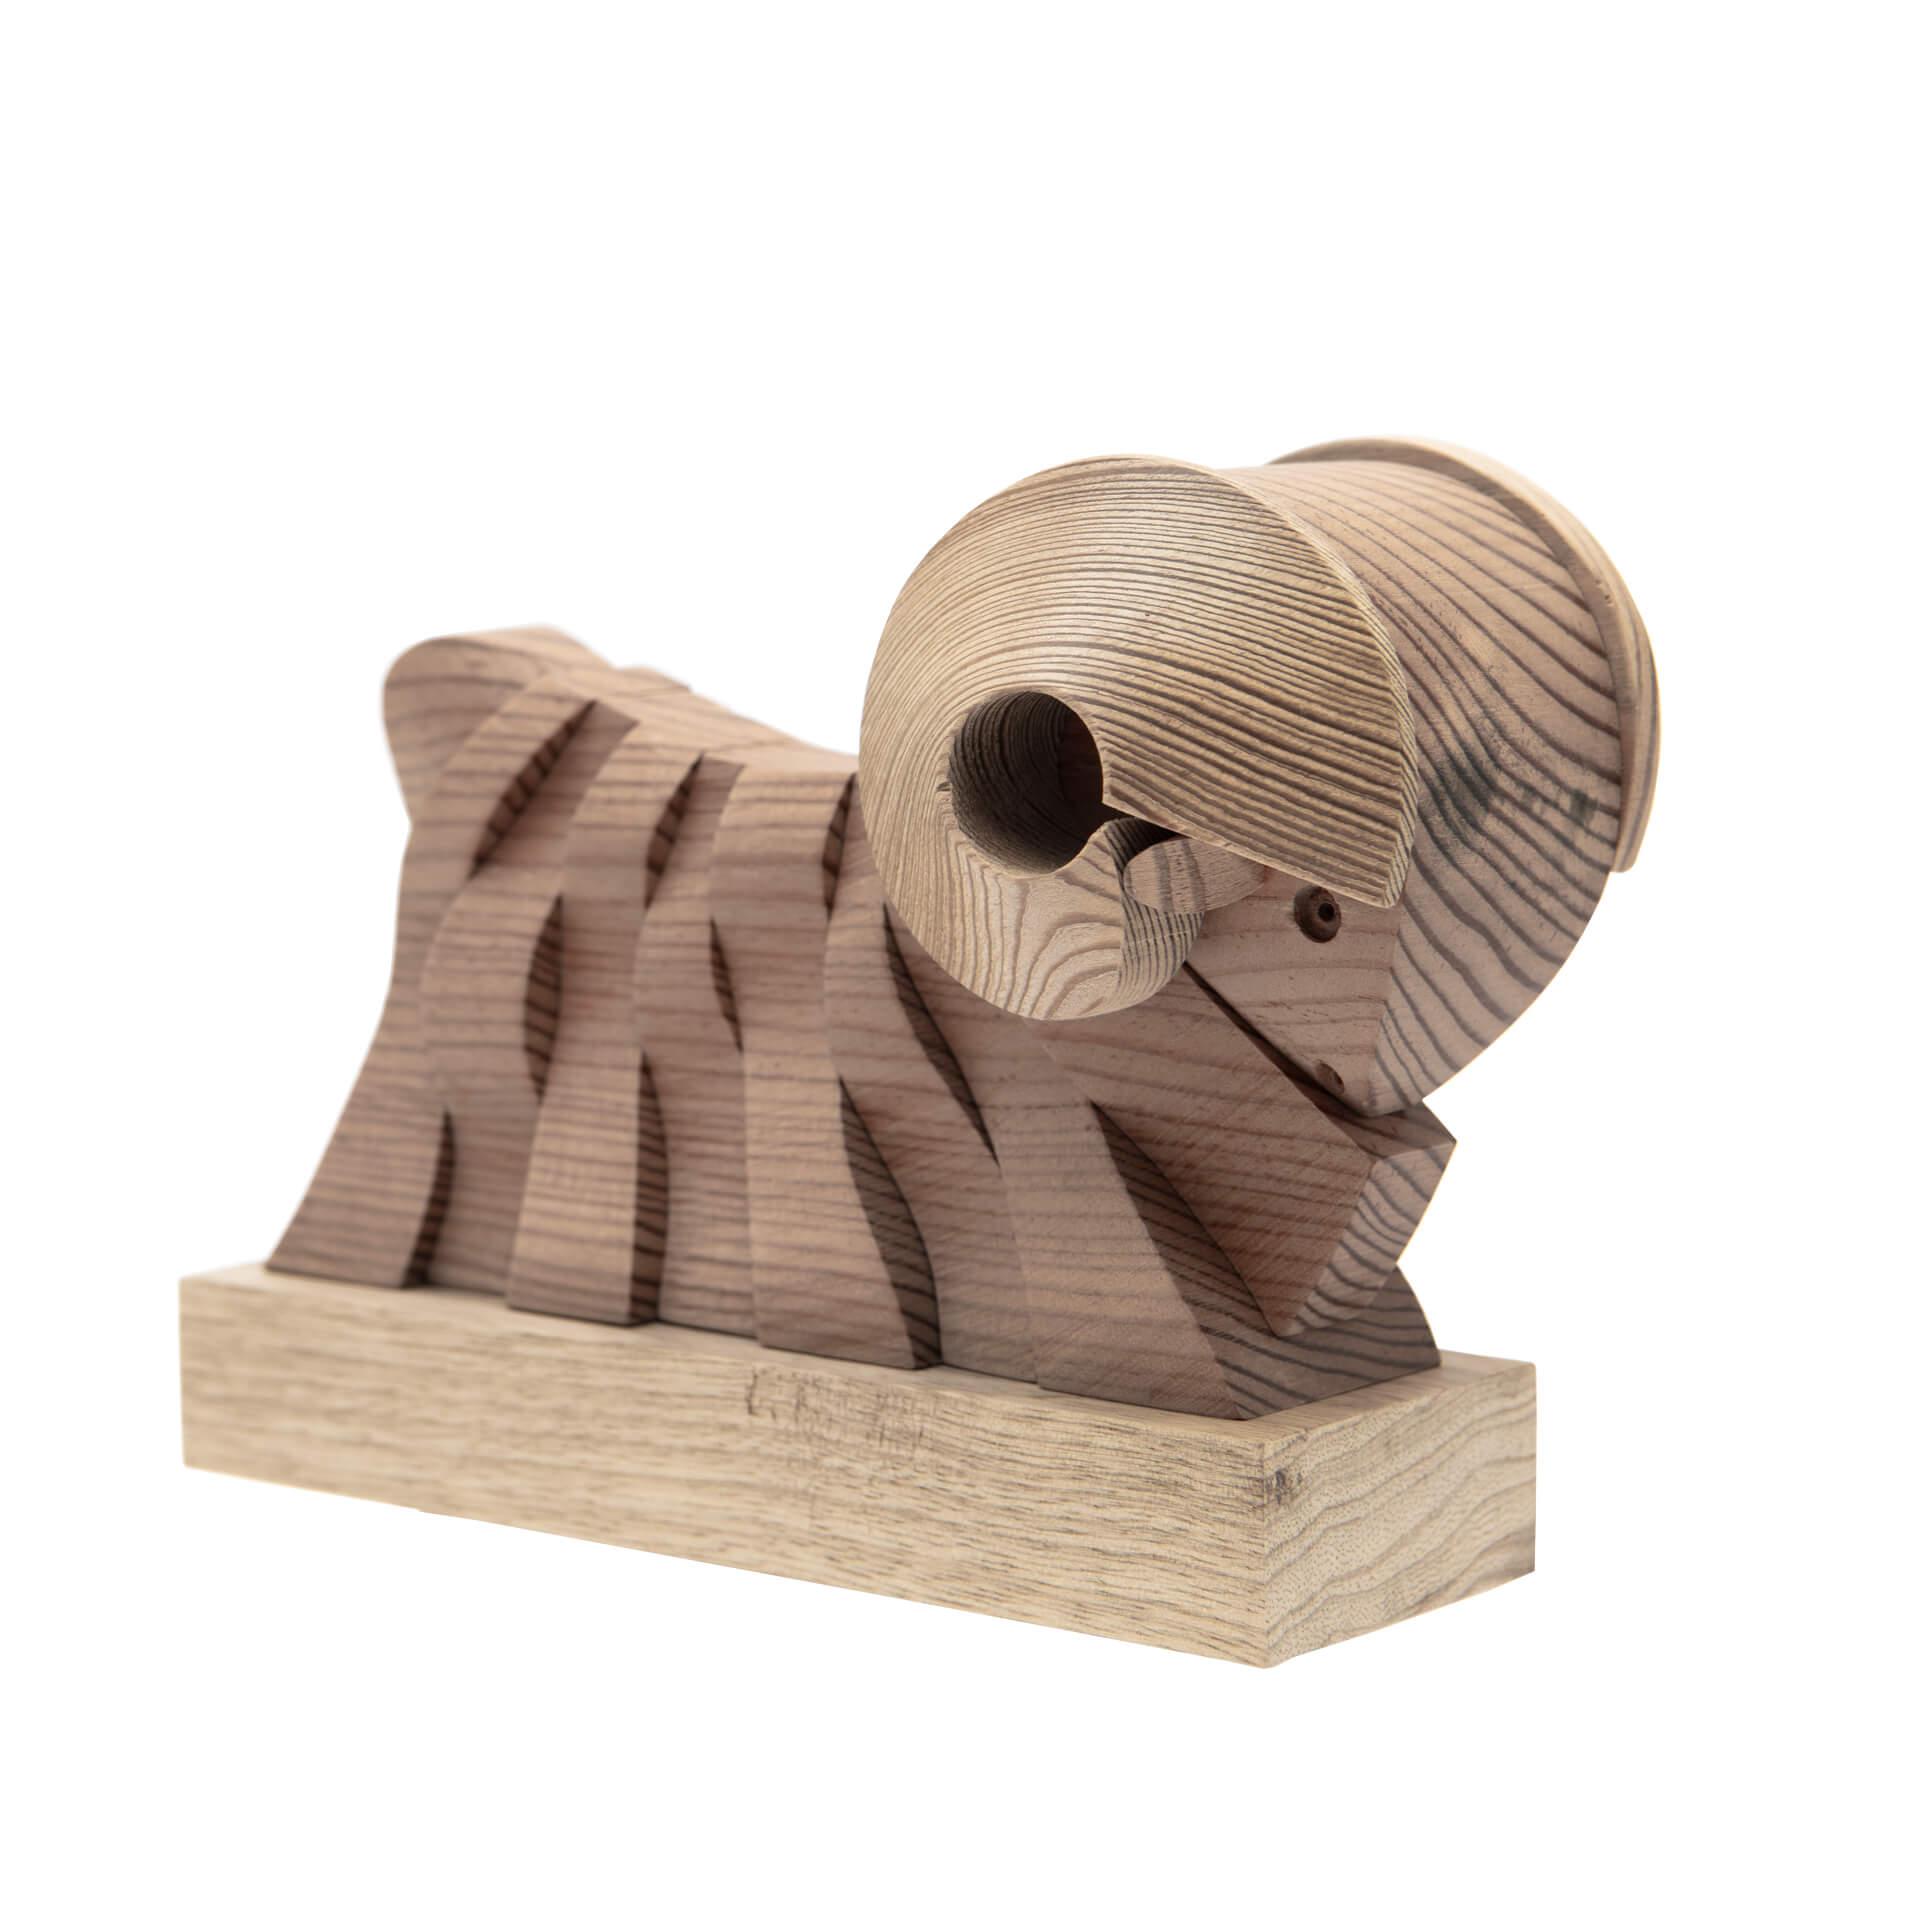 Scultura in legno Ariete - Dimensione media 17 x 10 x 13 cm (b x p x h)